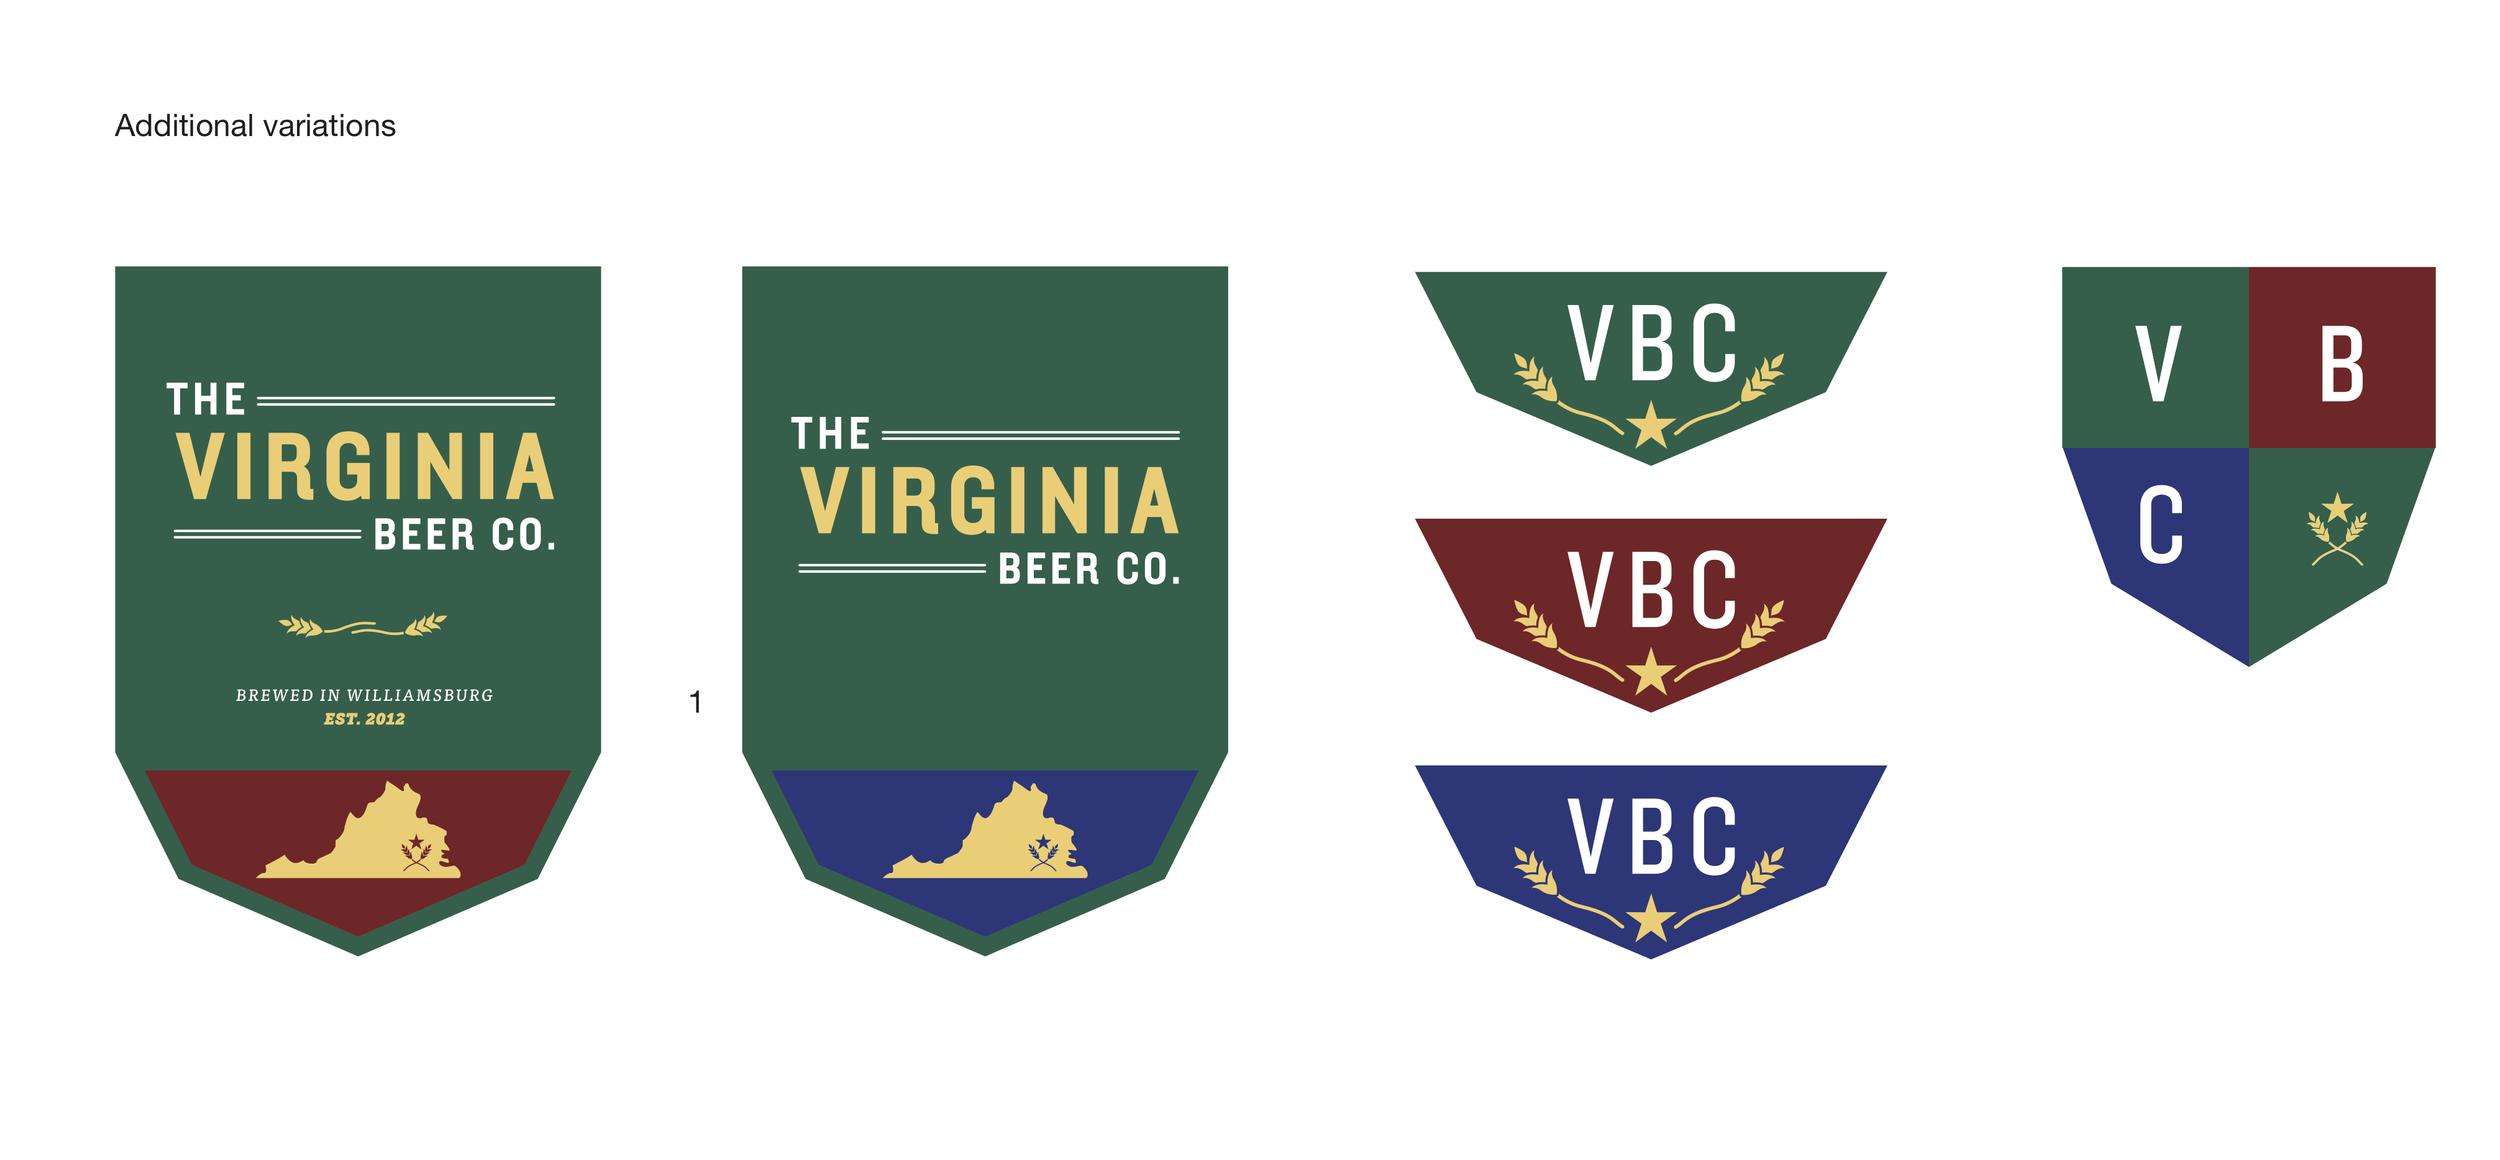 VBC-Logos_updates-5-14-13_v9.jpg